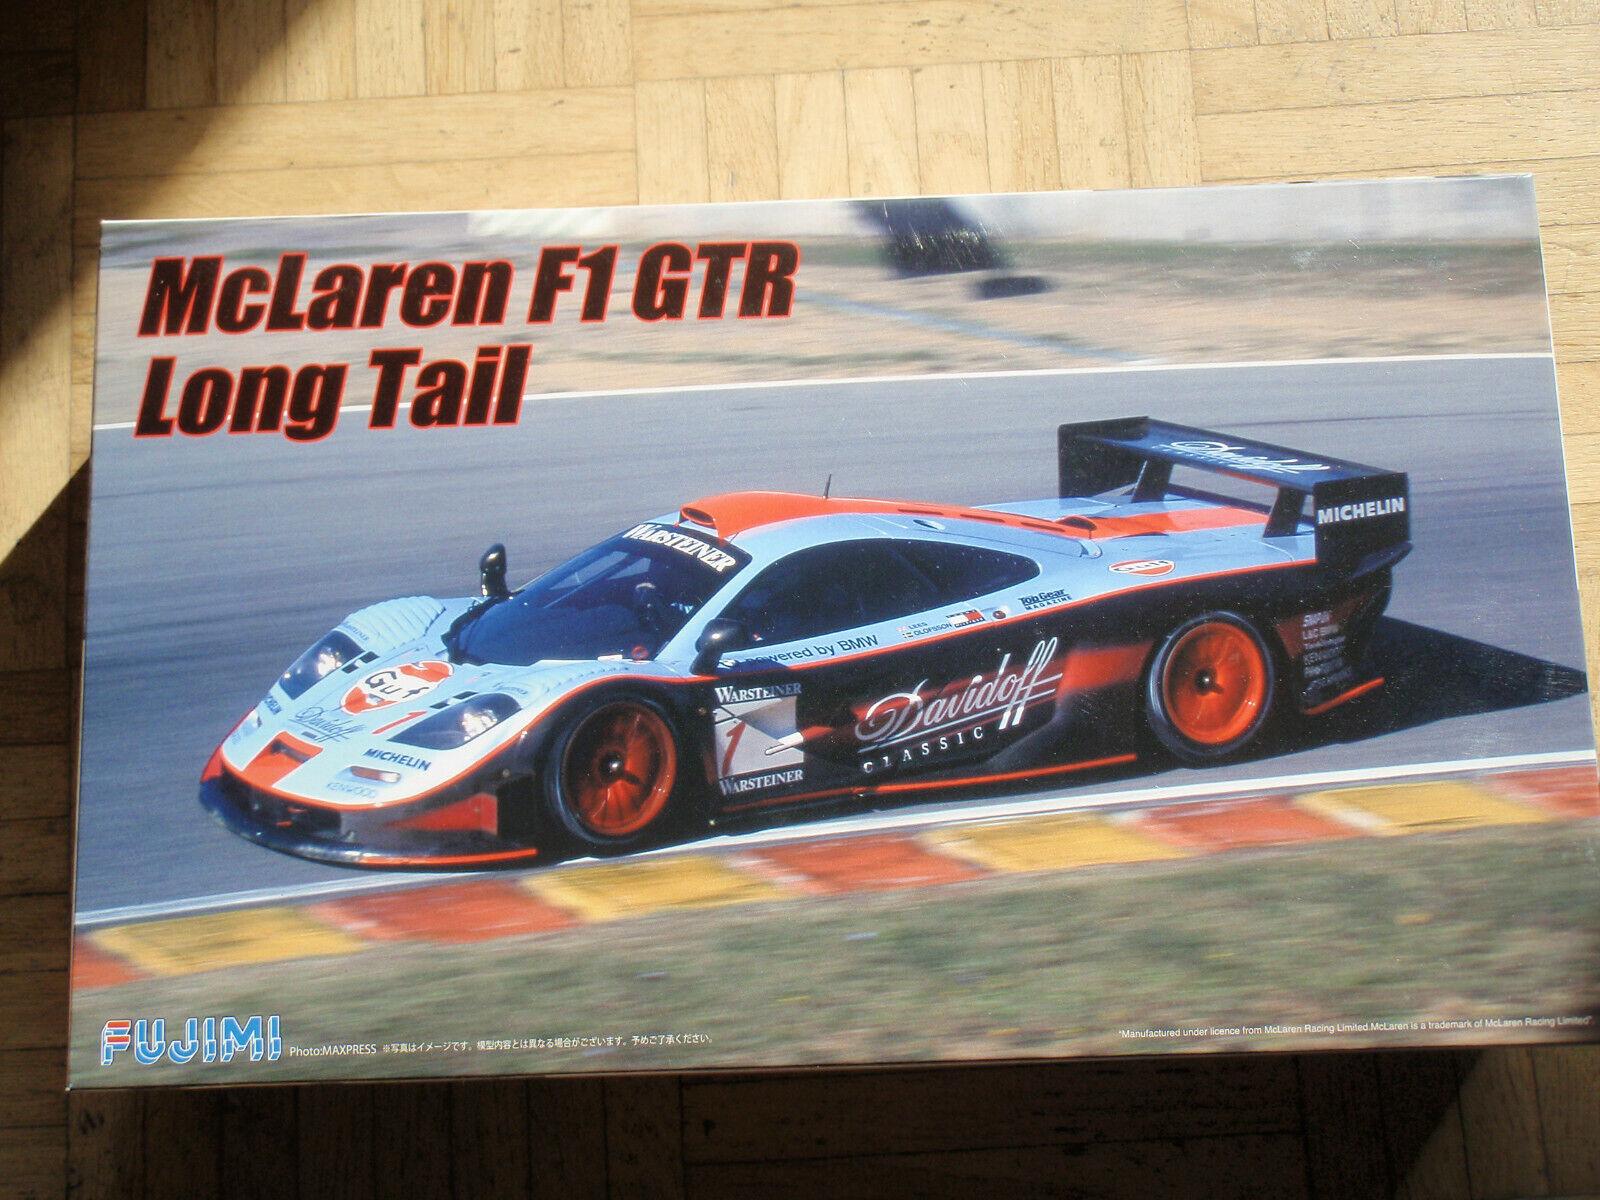 Plastikmodellbausatz Fujimi McLaren F1 GTR Long Tail, 1 24